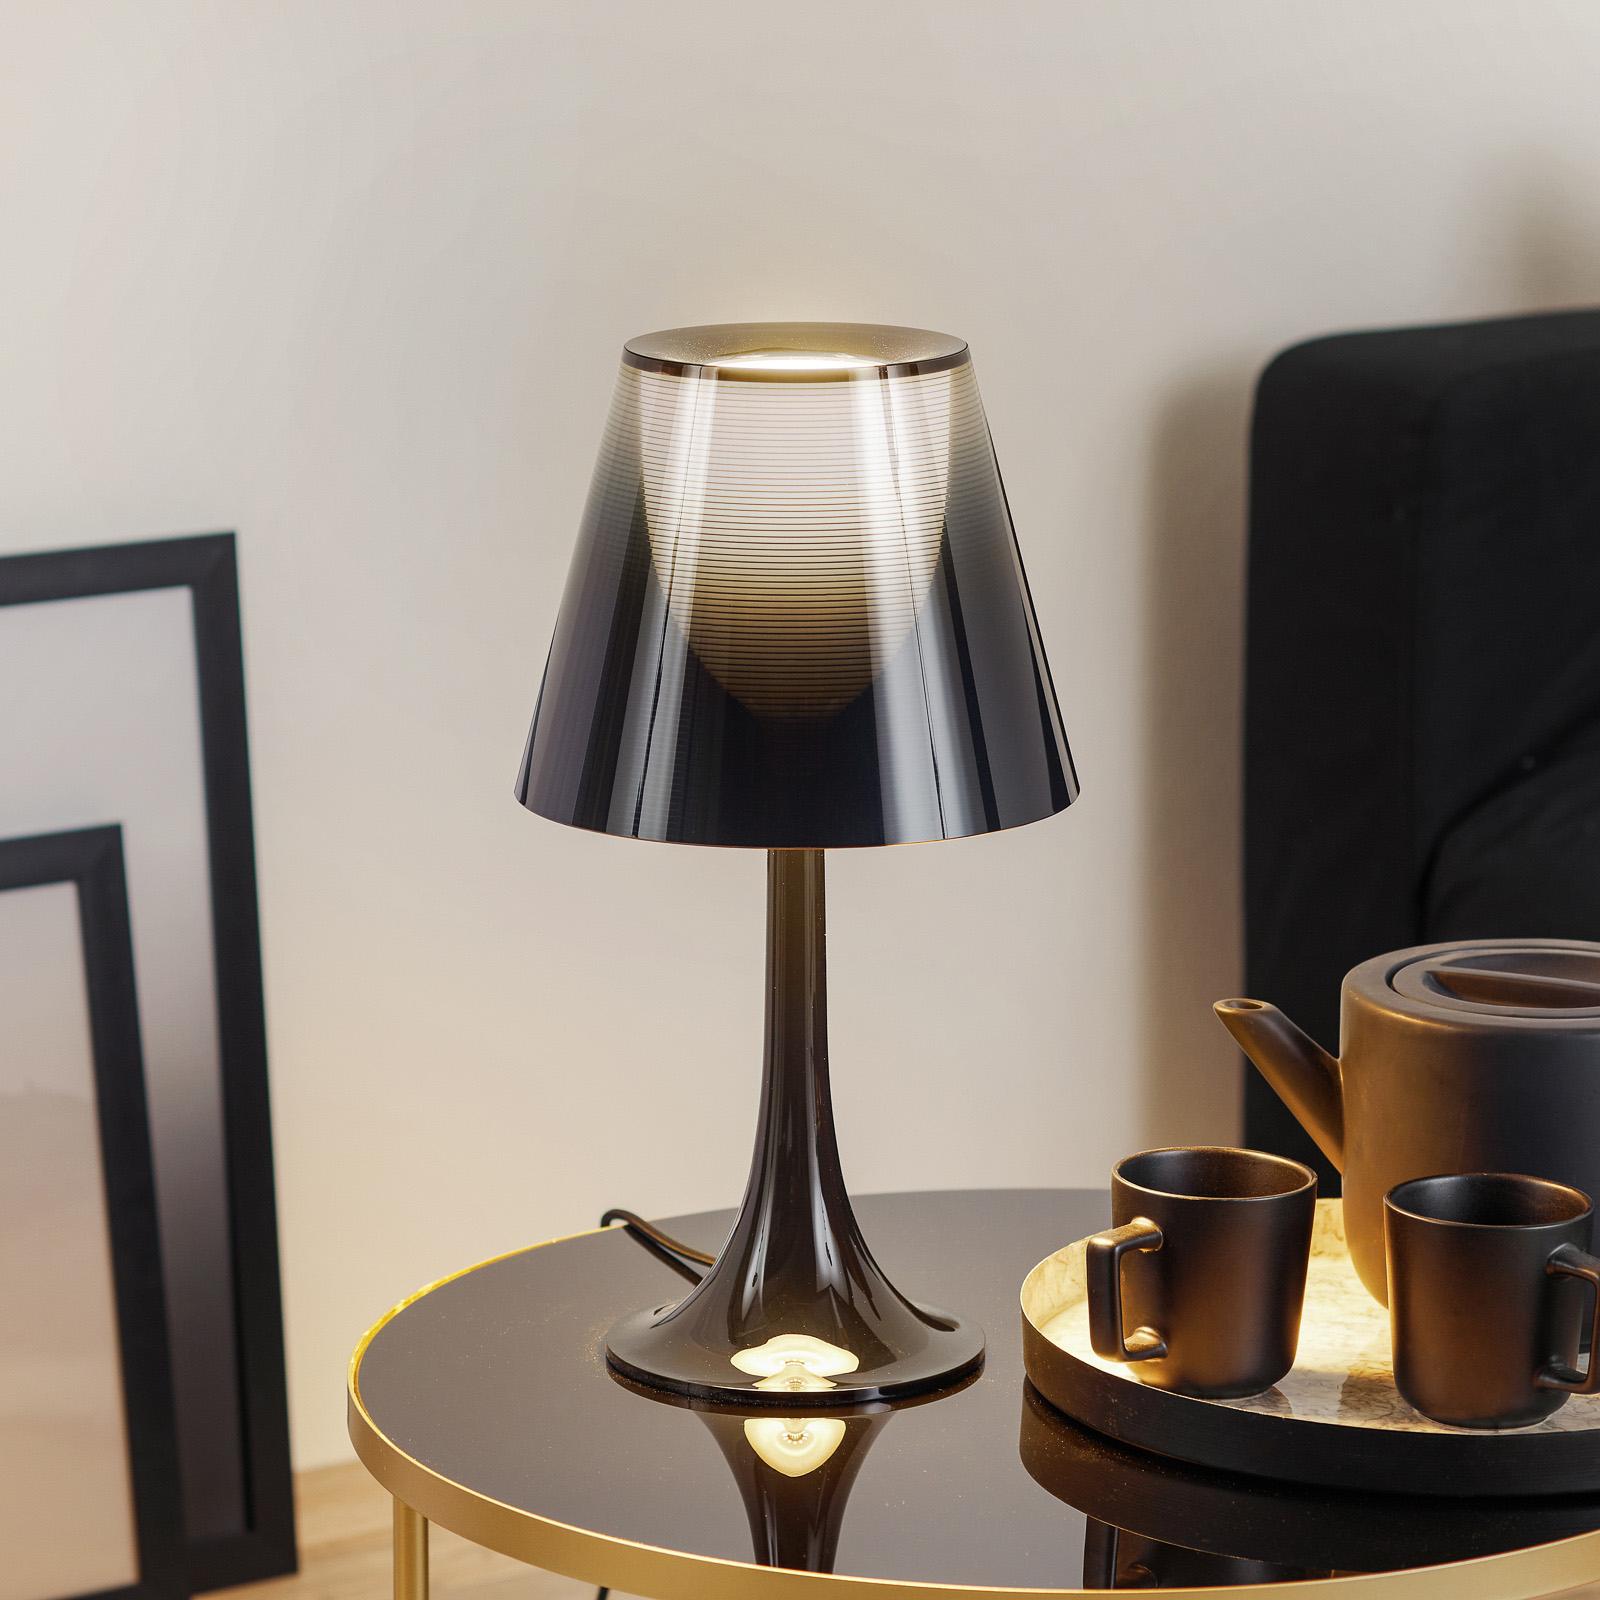 MISS K - ovanlig bordslampa i svart